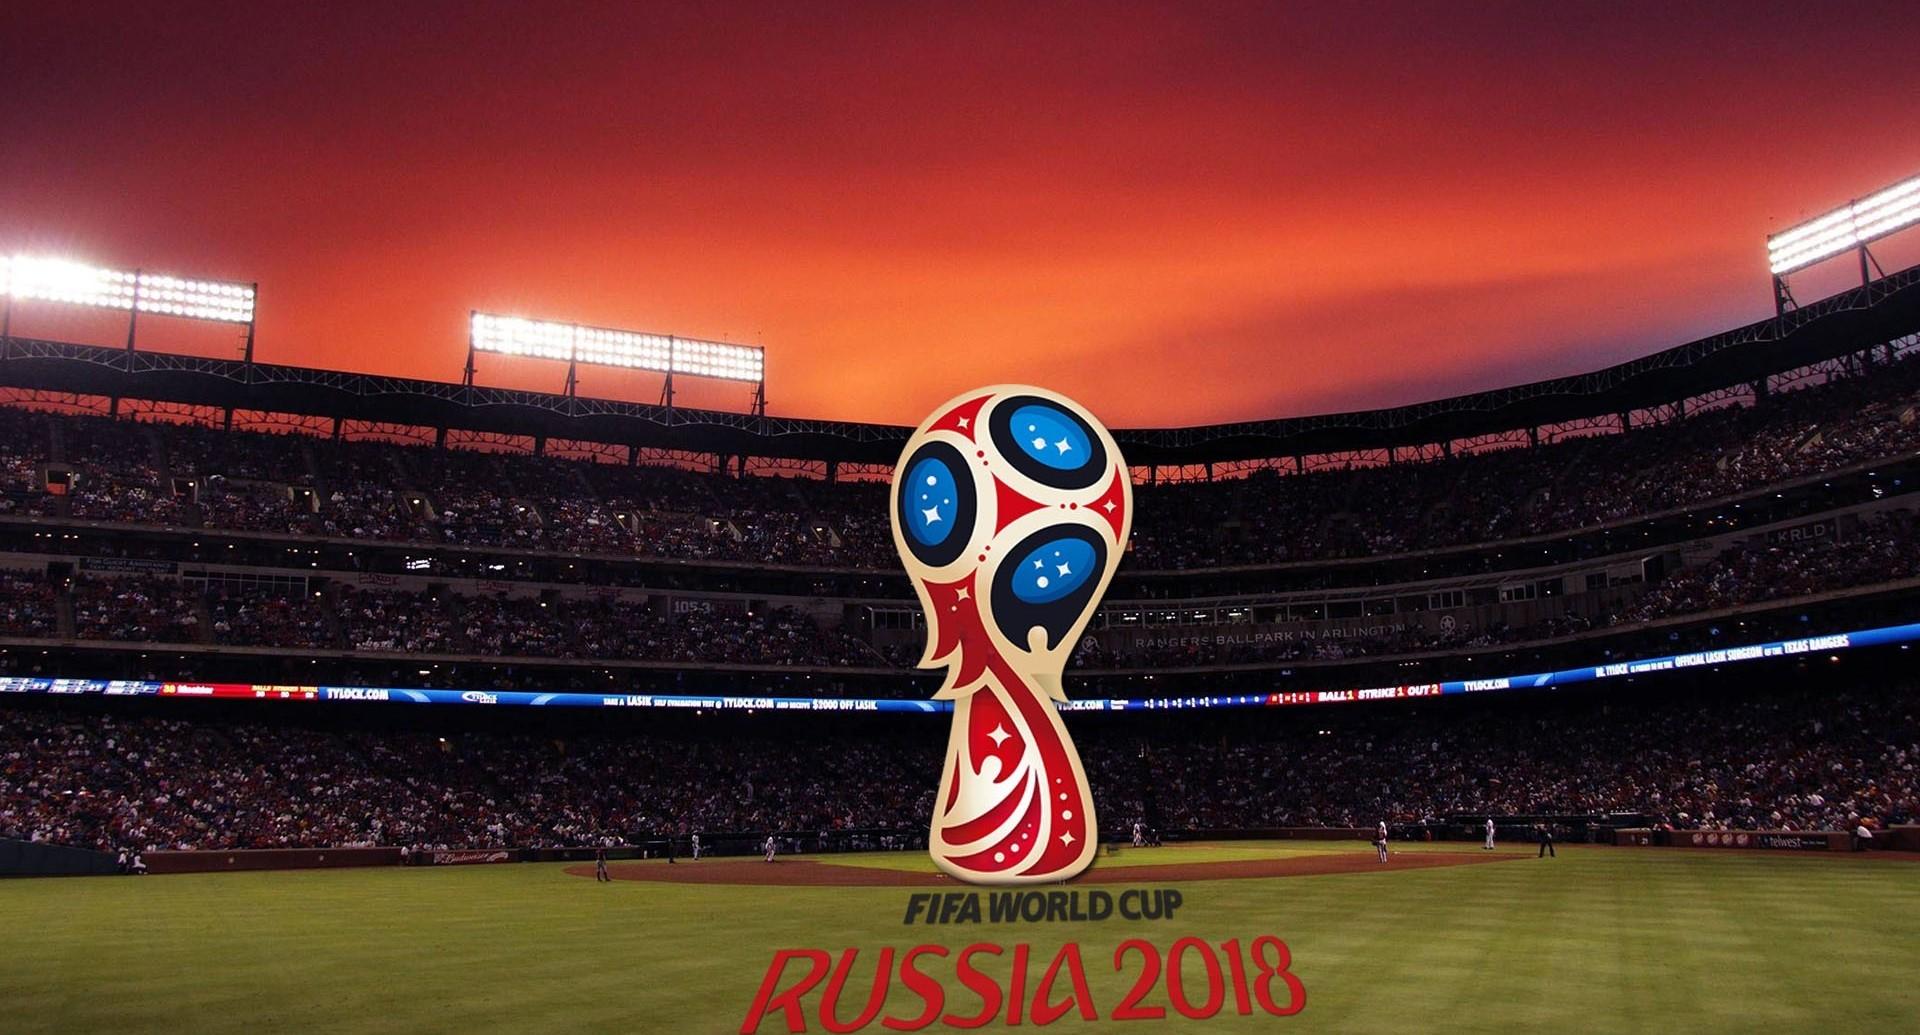 2018-fifa-world-cup-best-hd-wallpaper-33996